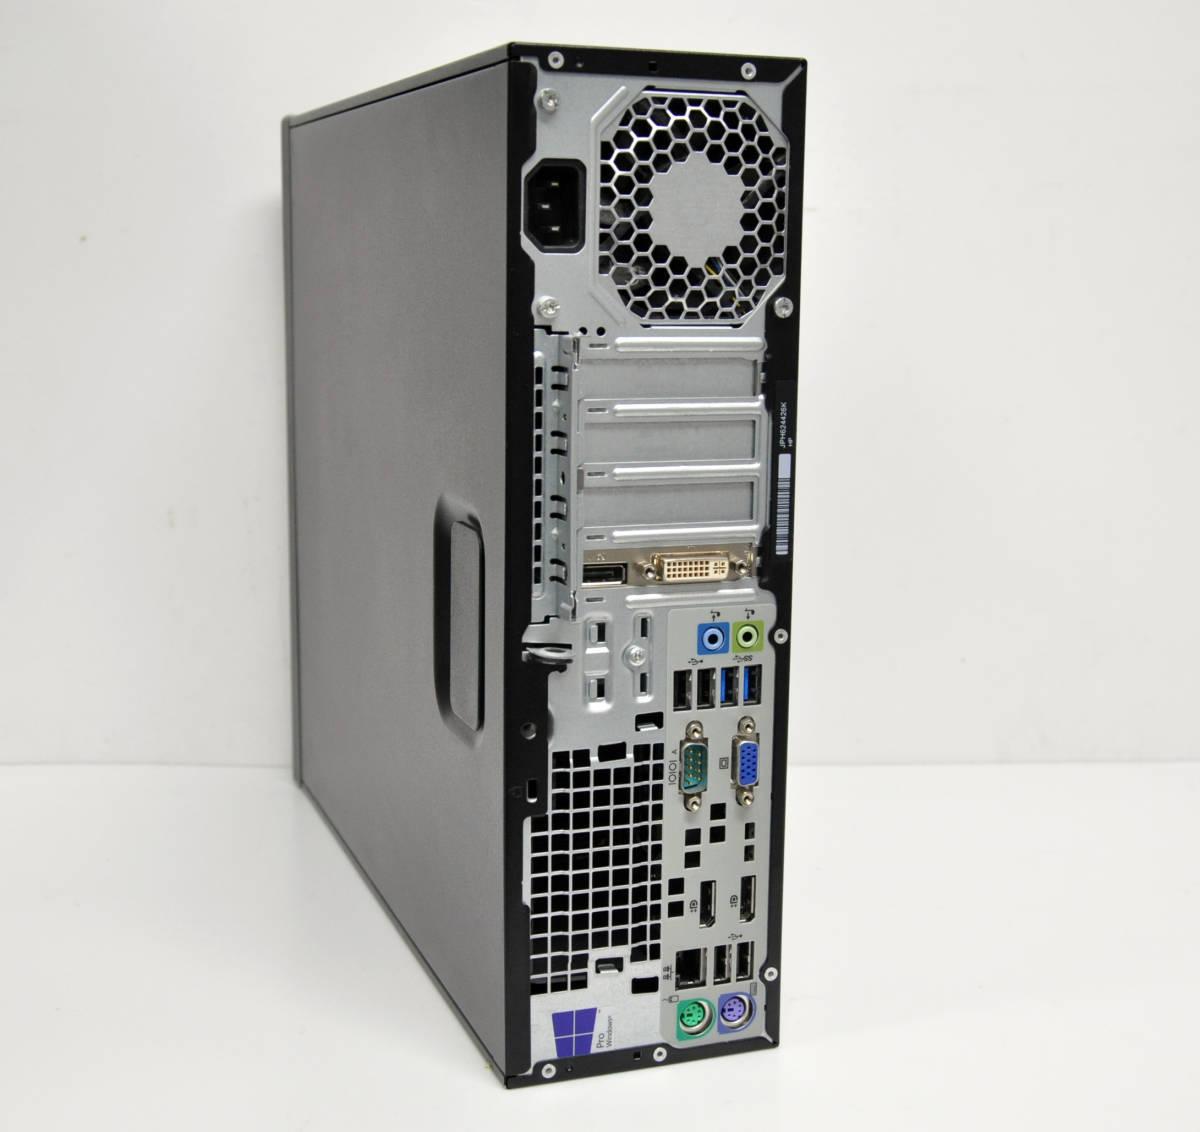 ★ HP EliteDesk 800G1SFF 高性能 Corei5-4590 3.3GHz / メモリ8GB / 新品SSD240GB / Radeon HD7570 / Win10 64BIT PRO_画像2